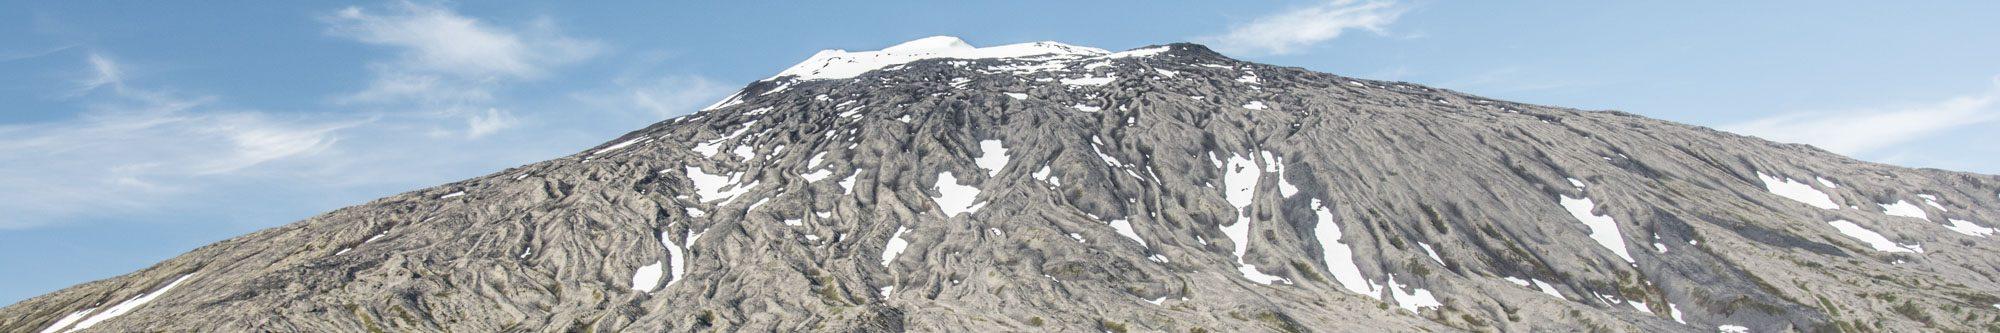 Snaefellsjokull Glacier in Iceland